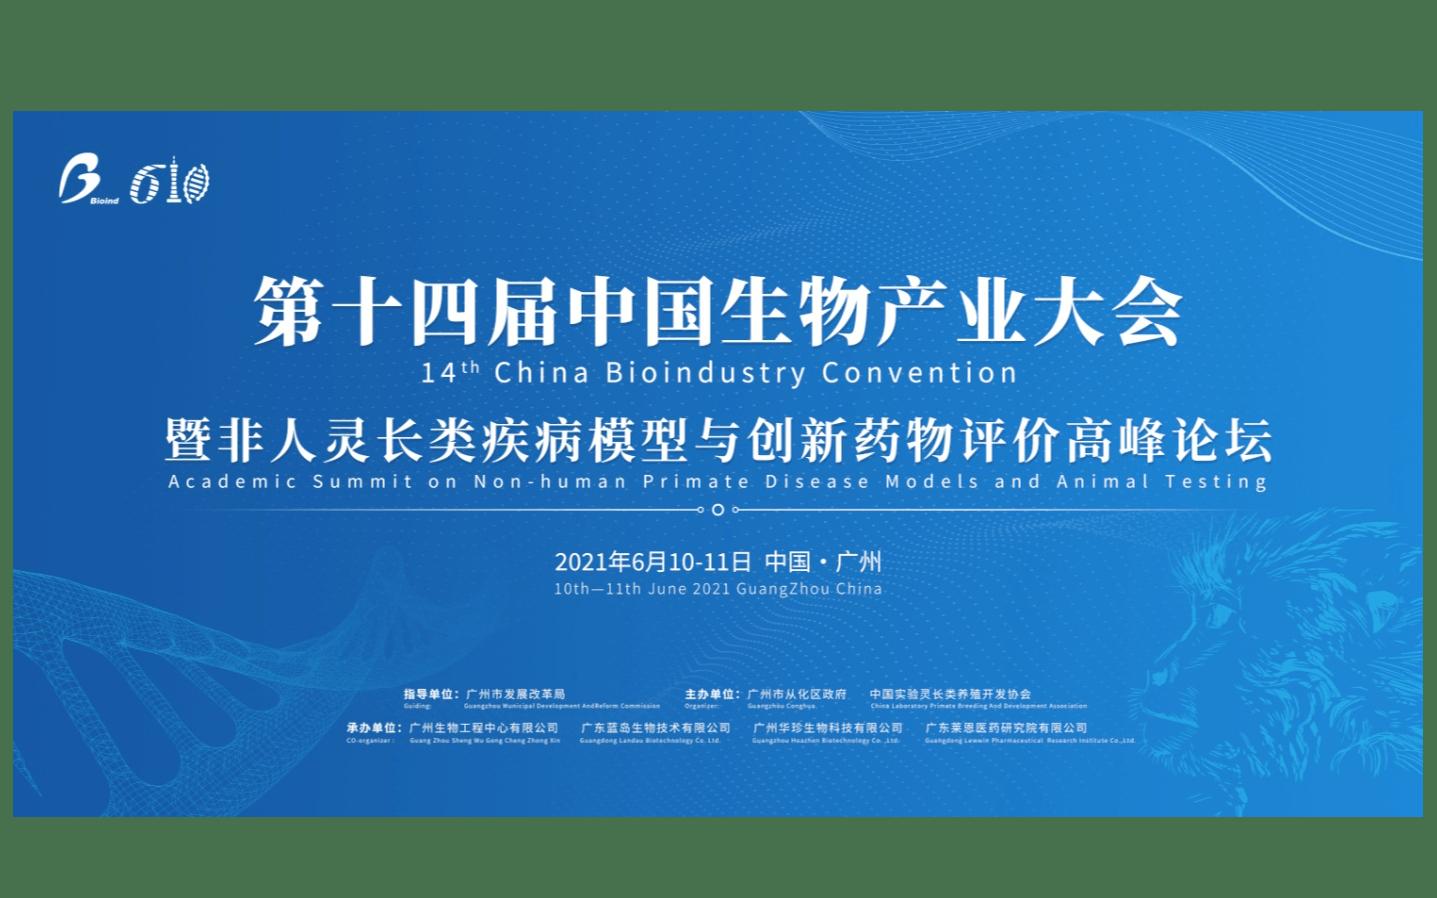 第十四届中国生物产业大会暨非人灵长类疾病模型与创新药物评价高峰论坛